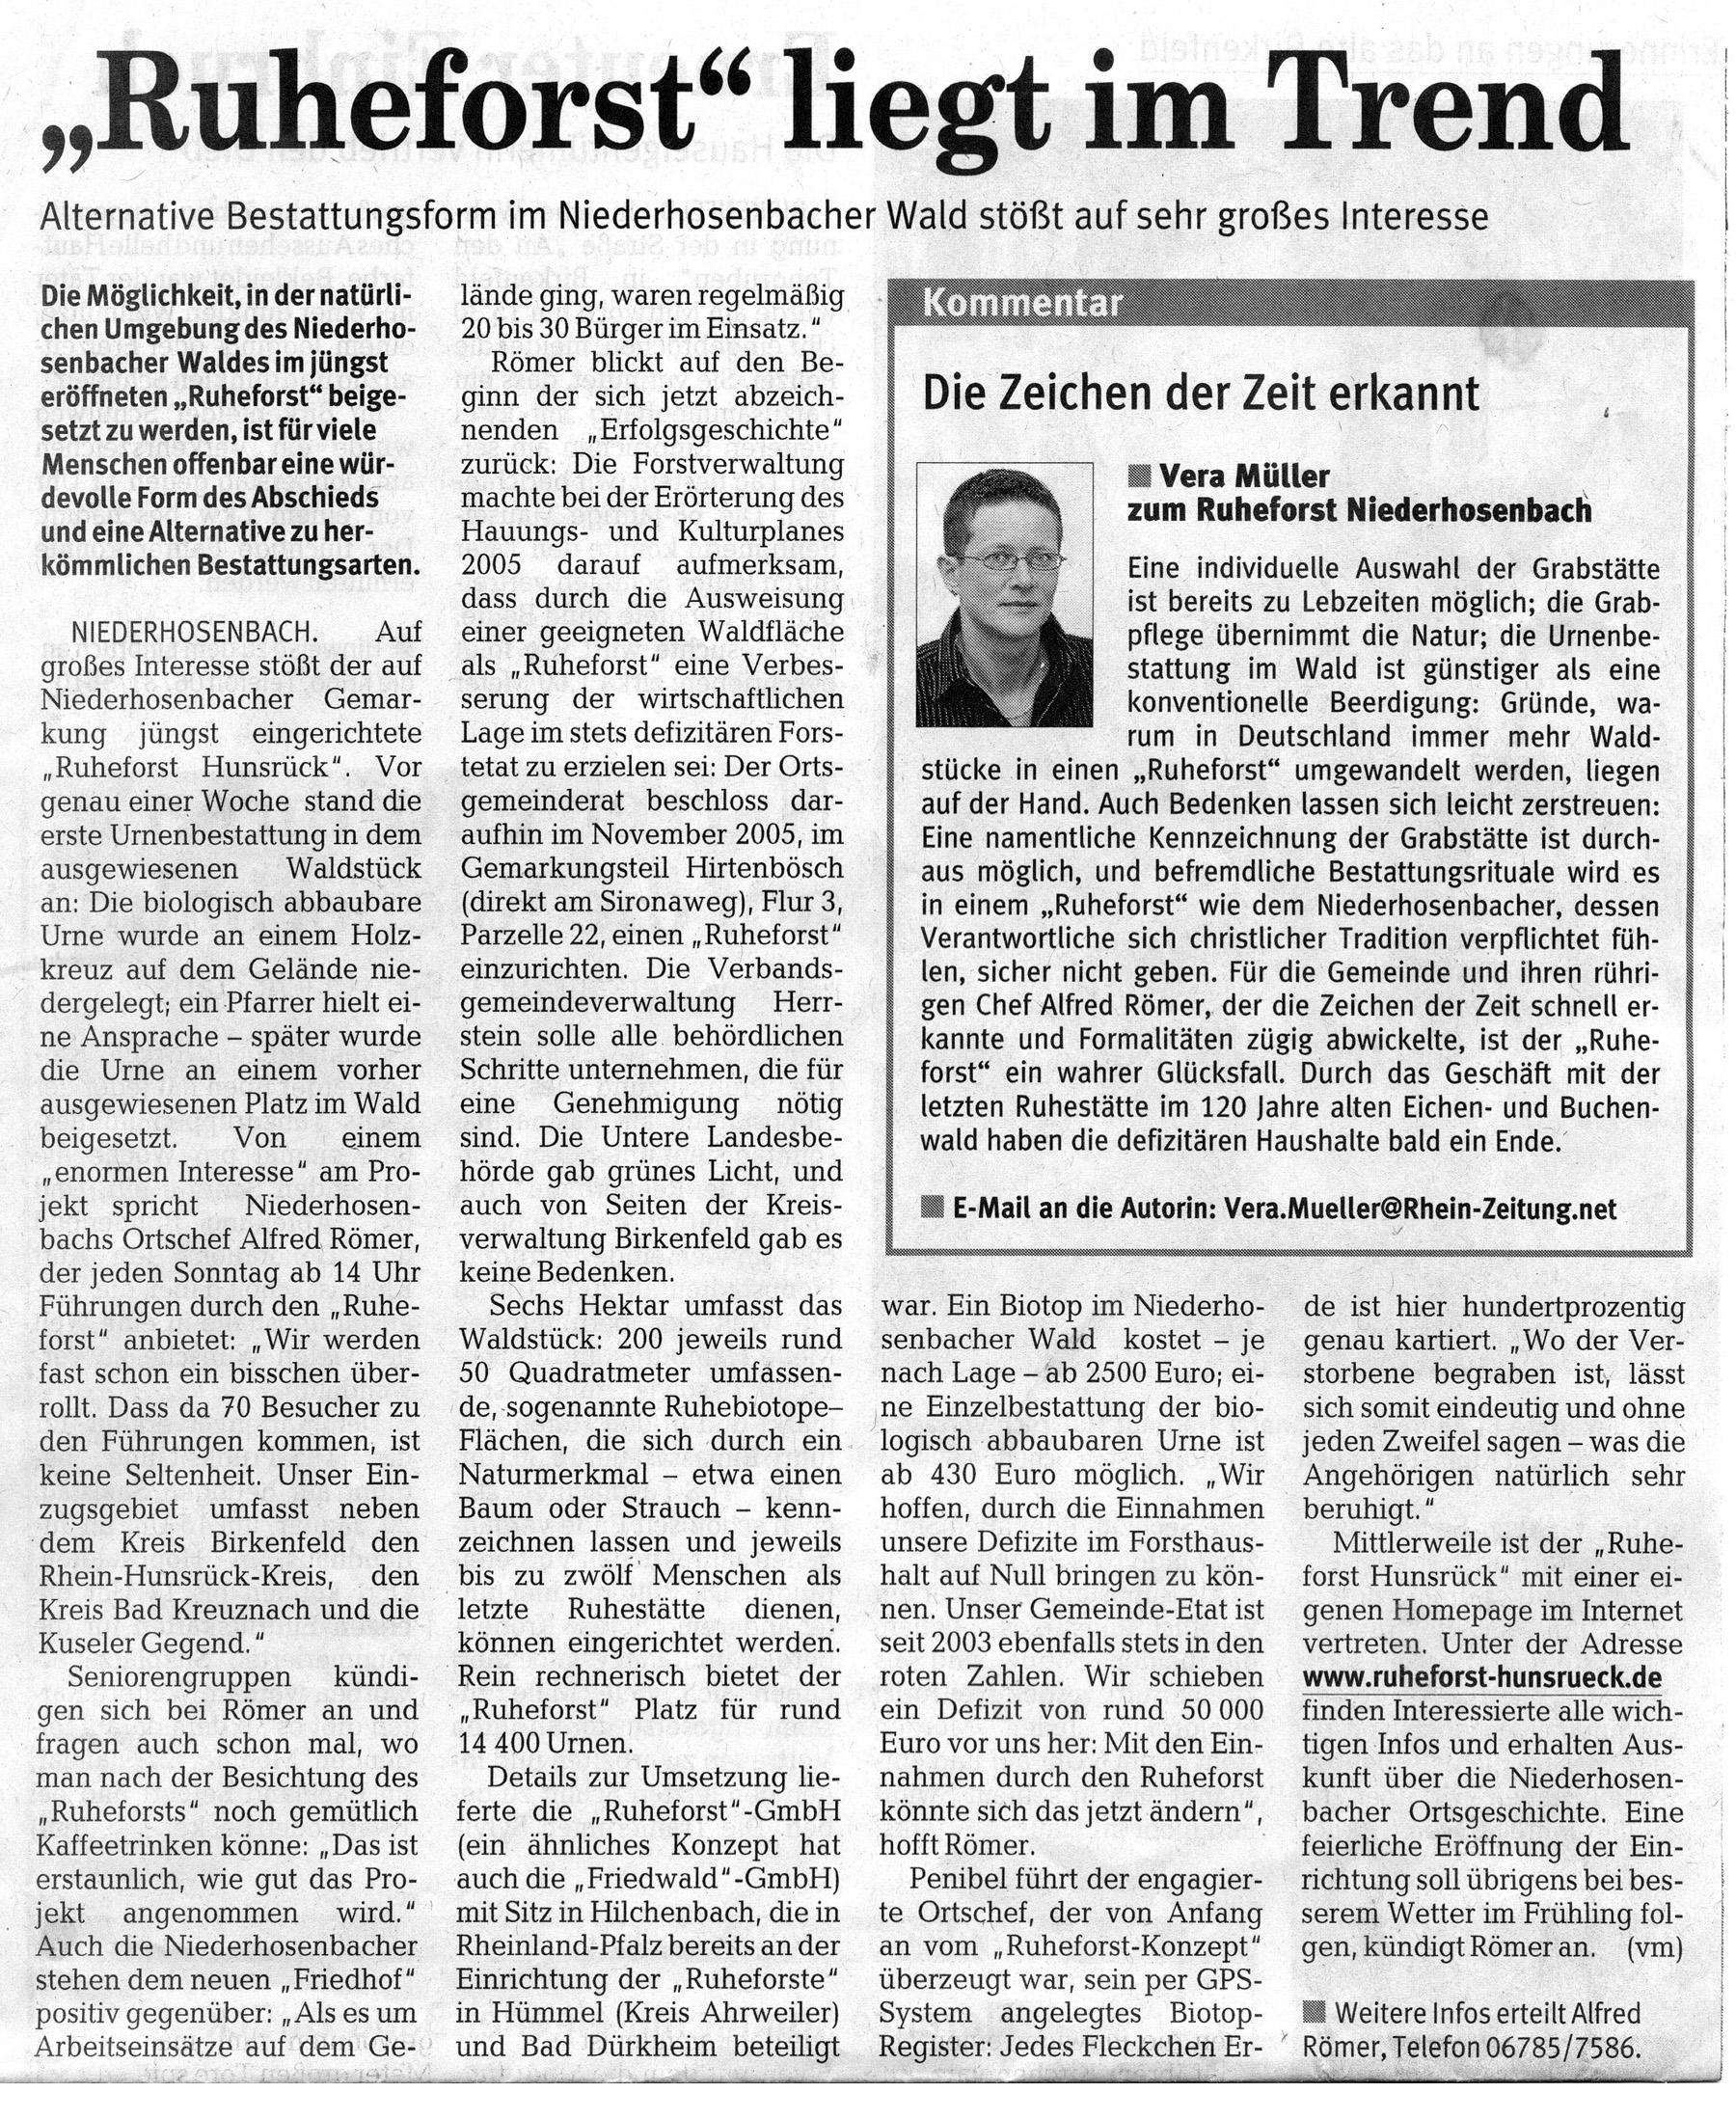 2007.01.20. Nahe-Zeitung (1) - Kopie